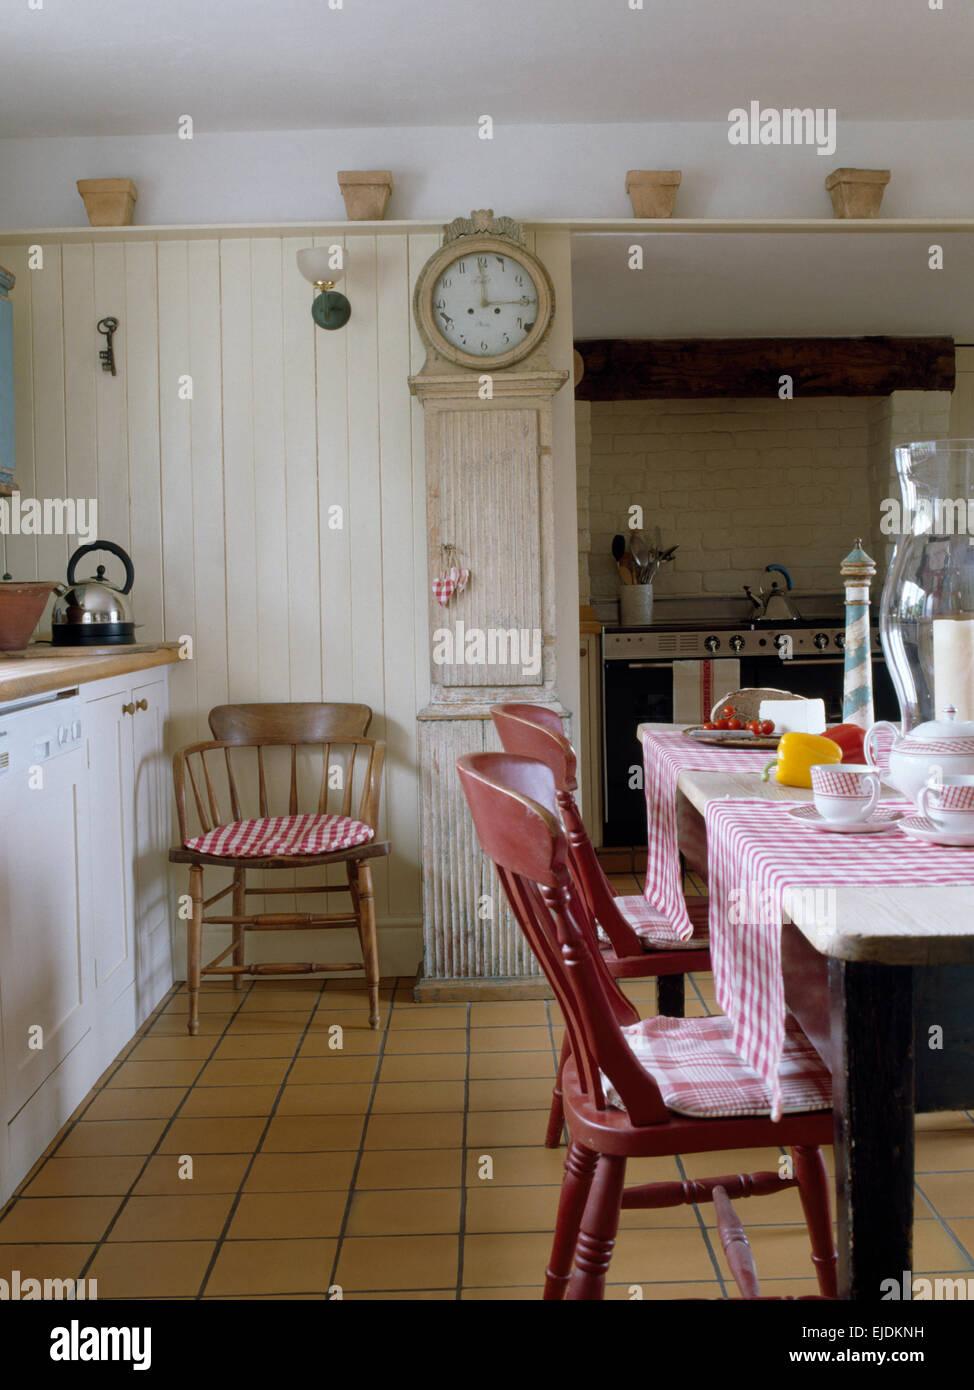 Schwedische landhausküche  Skandinavischen Stil Uhr im Landhaus-Küche mit Fliesenboden und ...